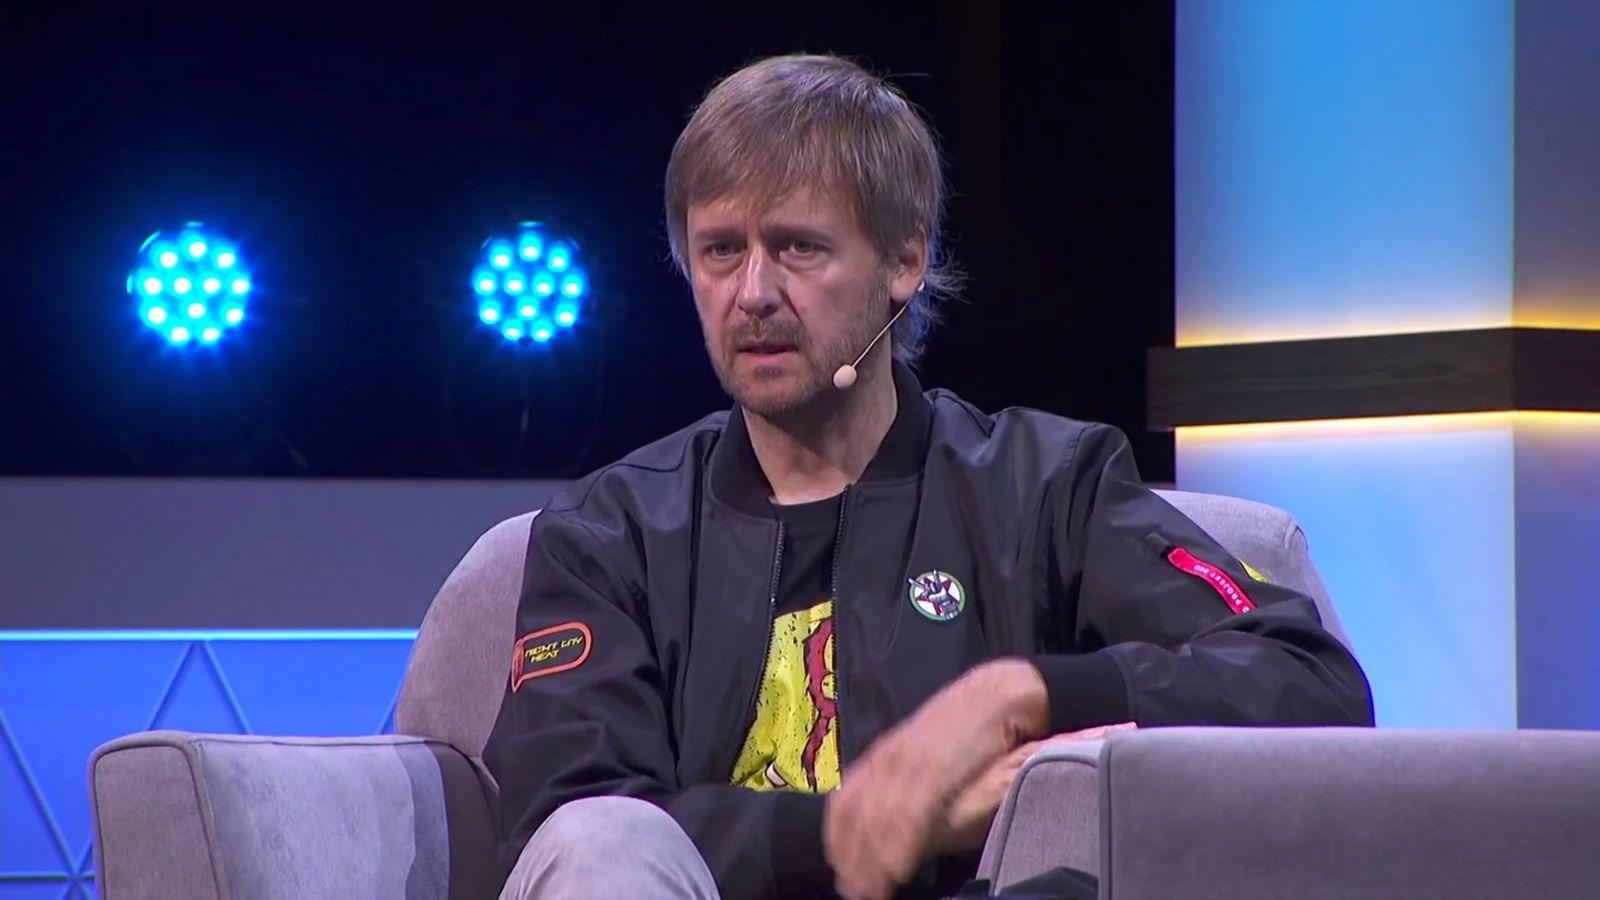 NUR ALS ZITAT Screenshot Überstunden Games-Branche/ Marcin Iwinski